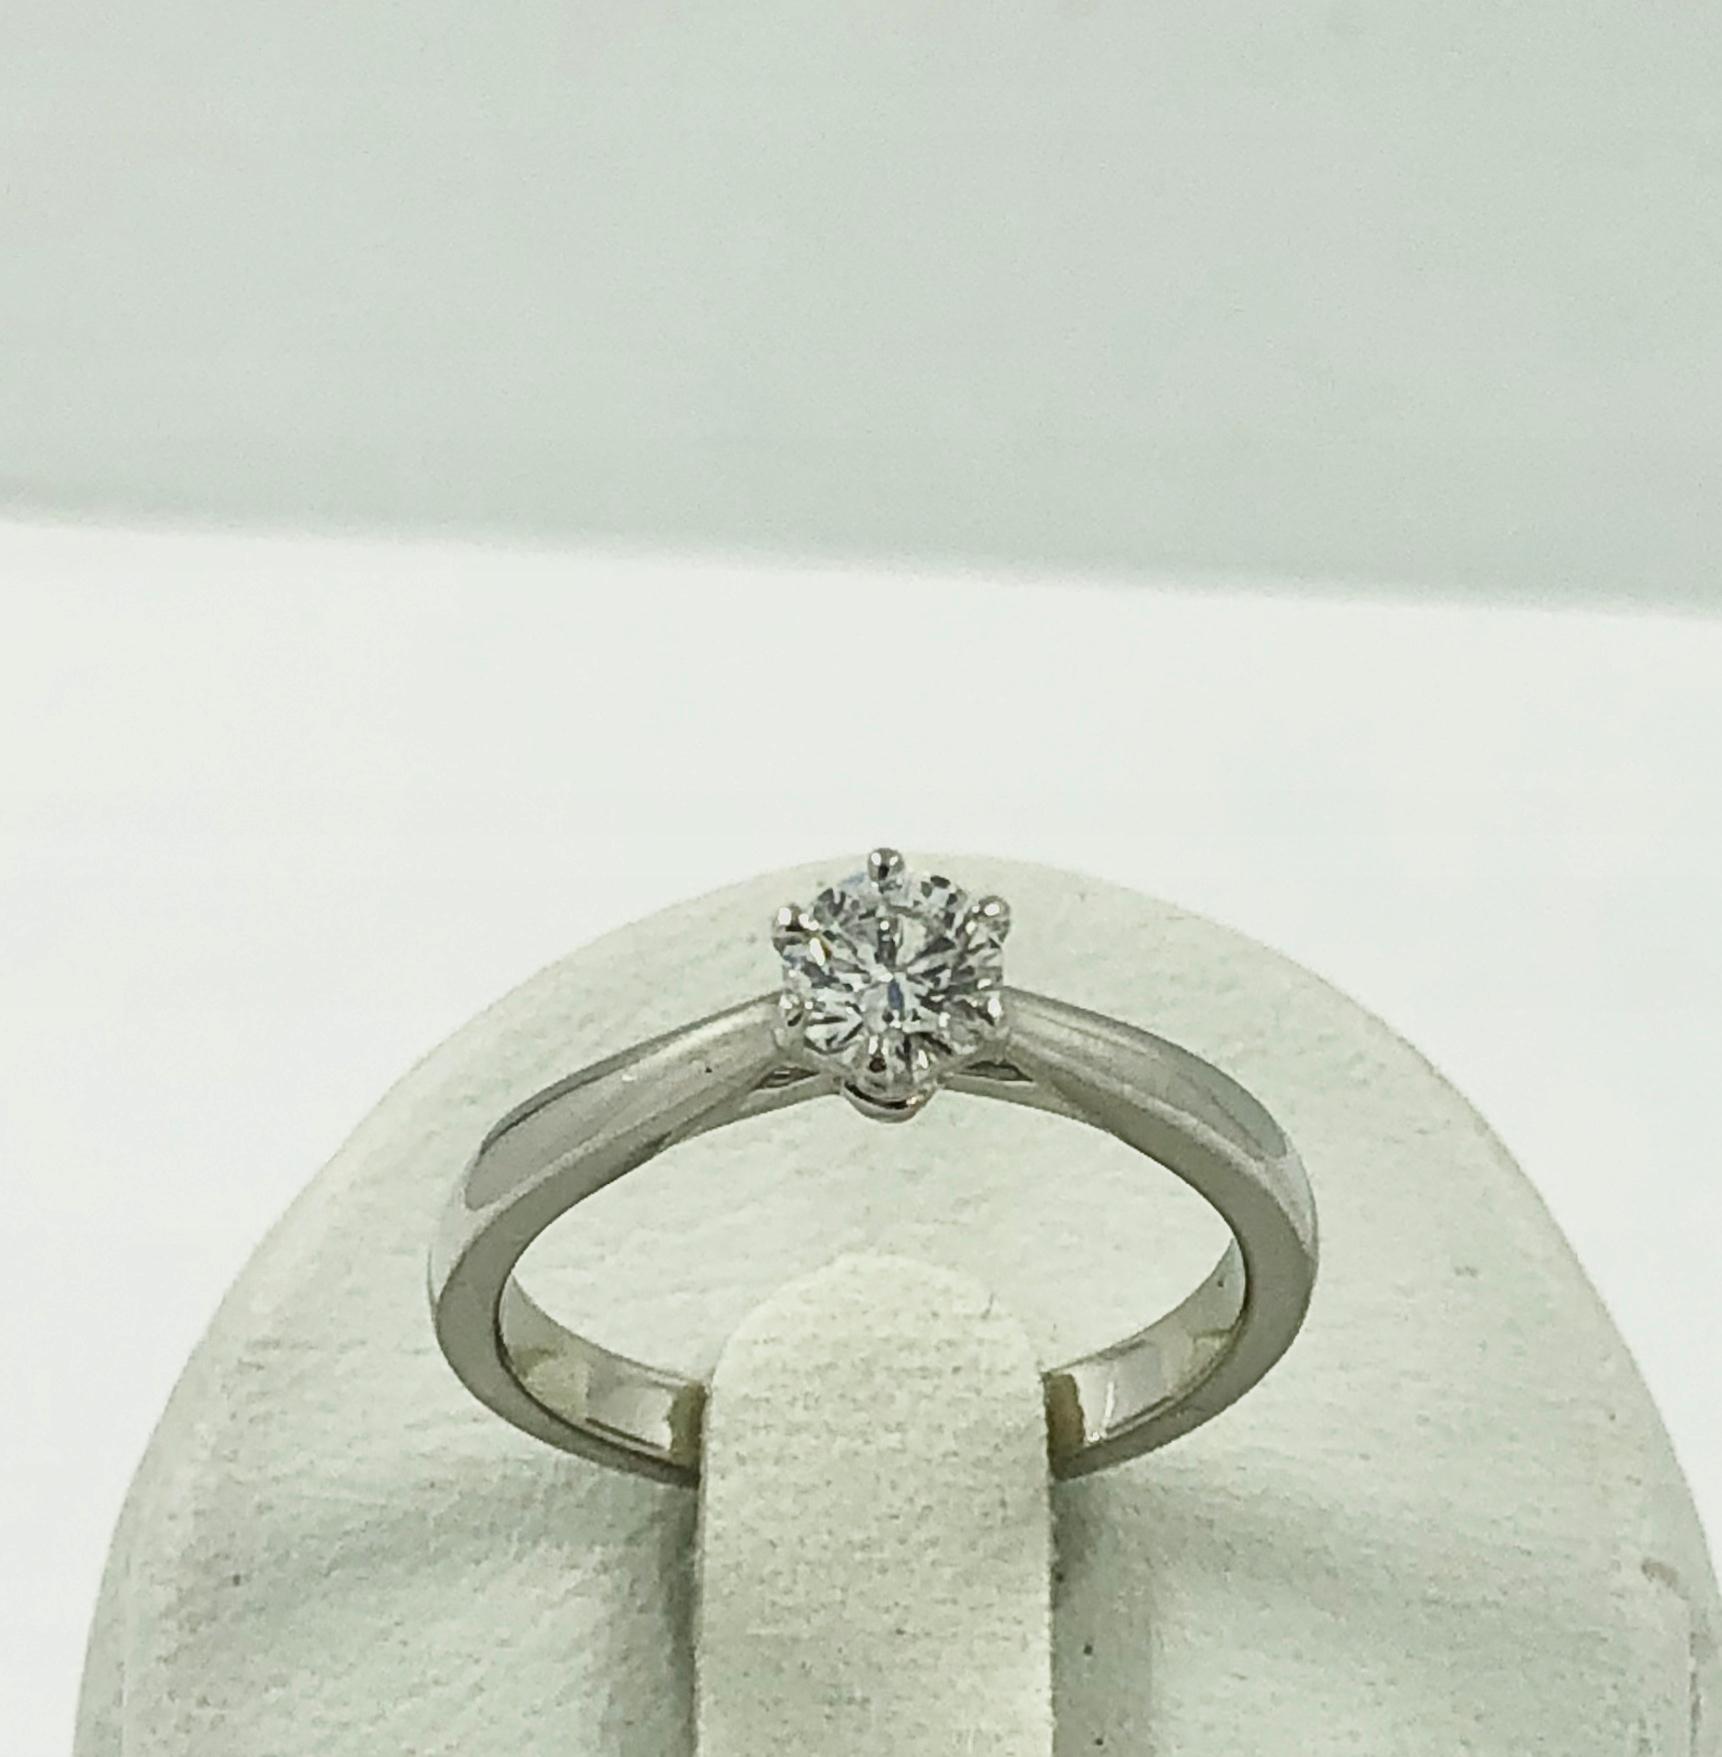 Krúžok v platinum - diamond je 0,3 ct pr. 950